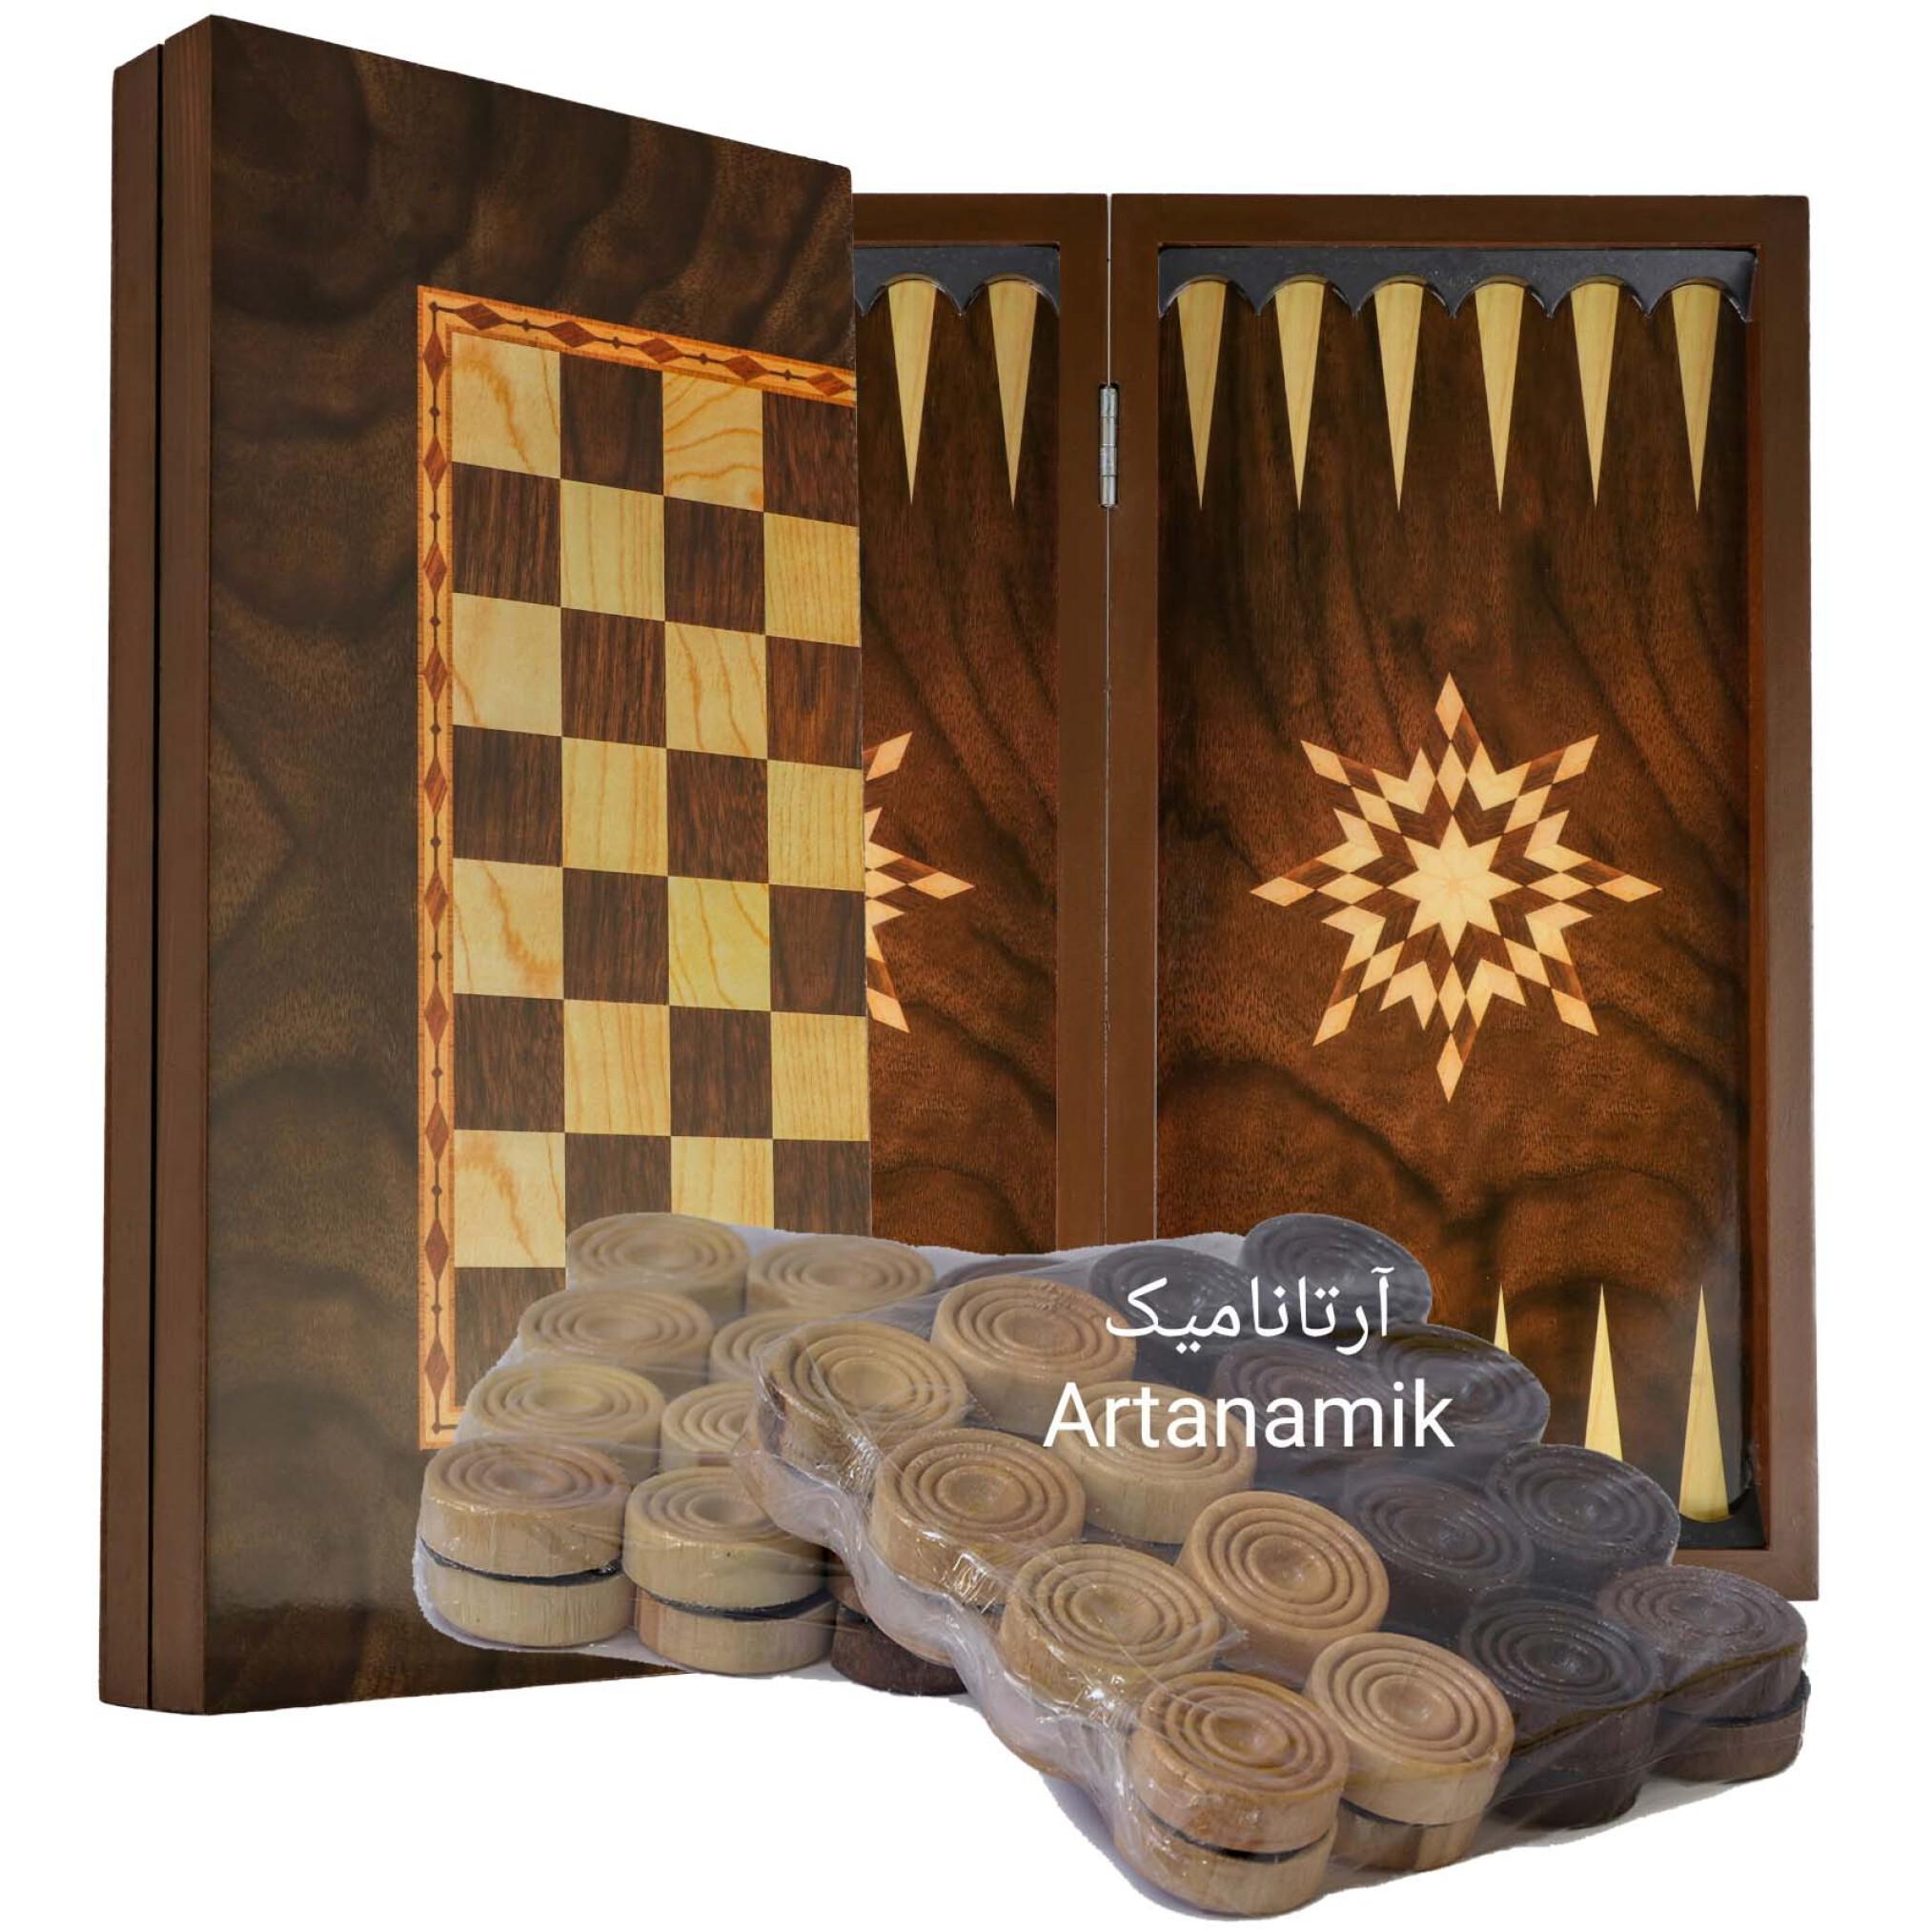 تخته نرد و شطرنج طرح گردو، تخته نرد کادویی و تخته نرد نفیس از جنس چوب روس